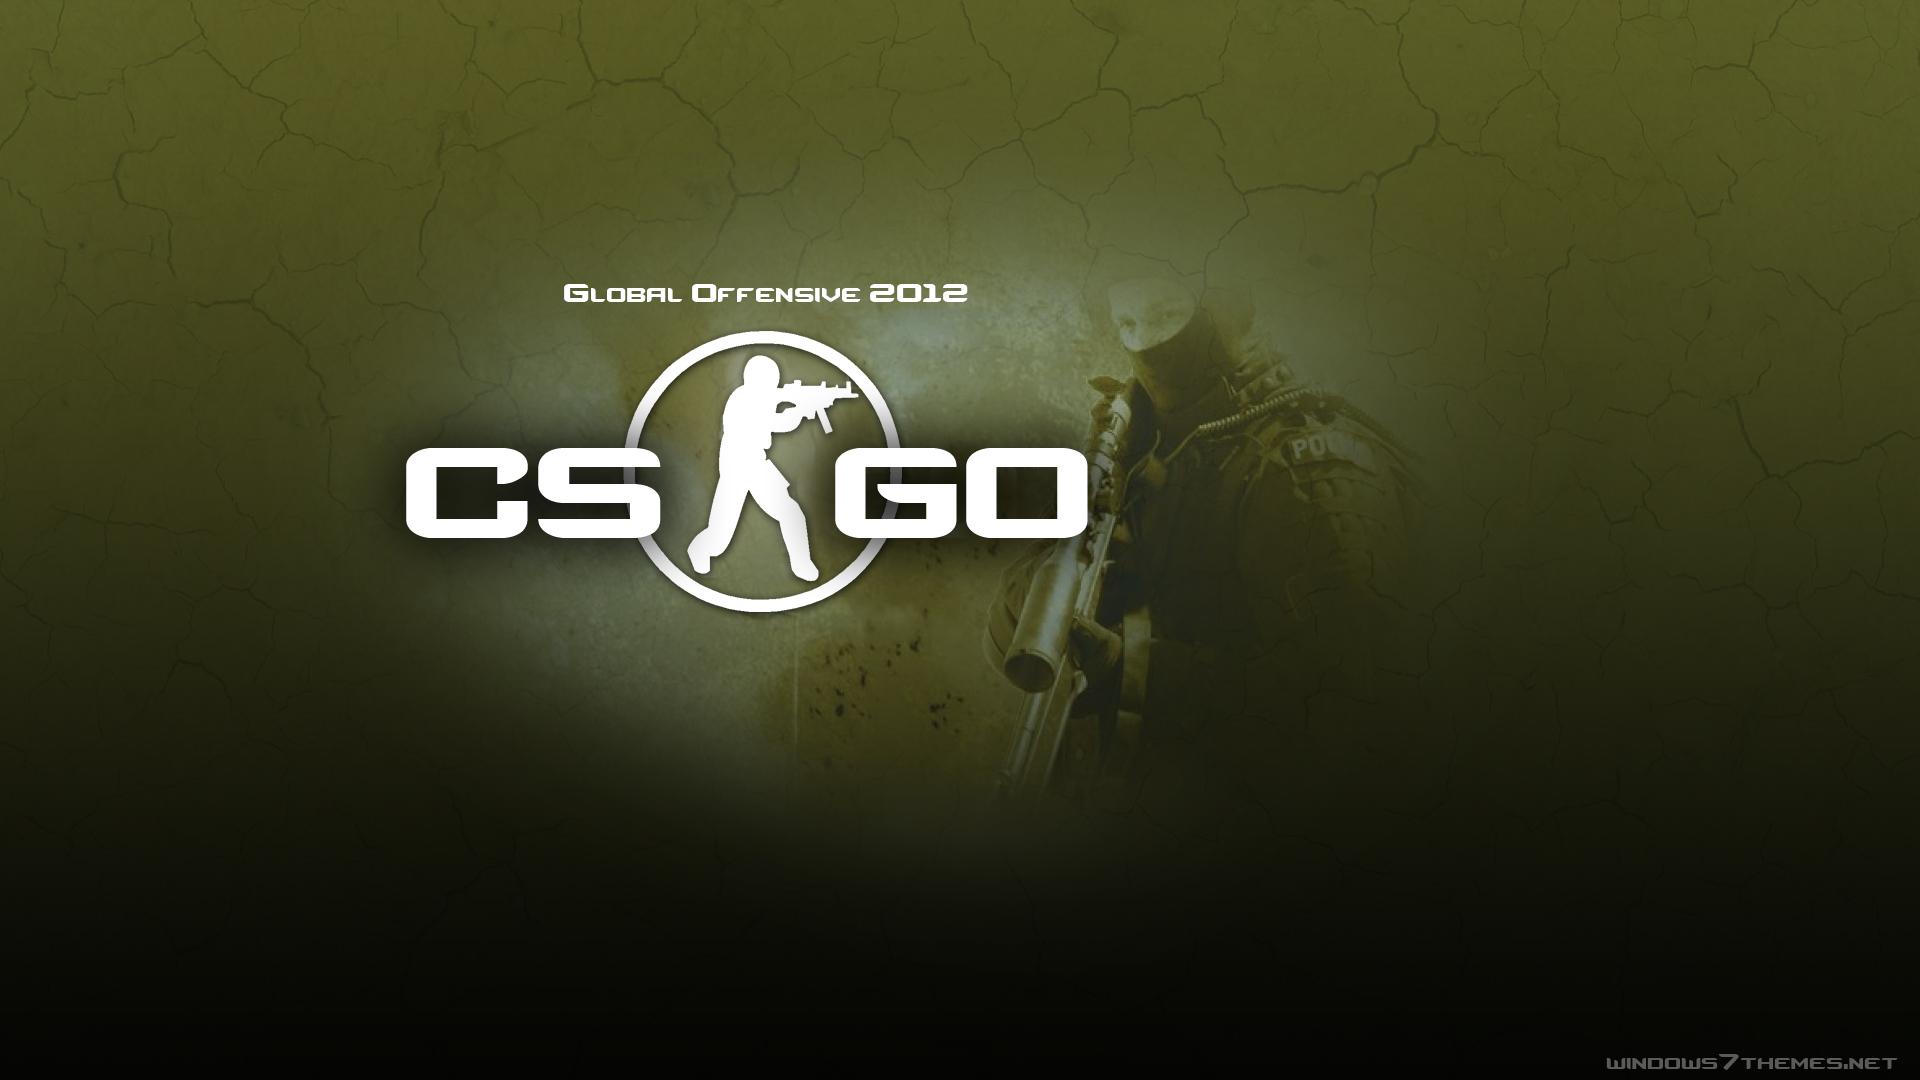 GO GO GO wasder a pc games blog 1920x1080